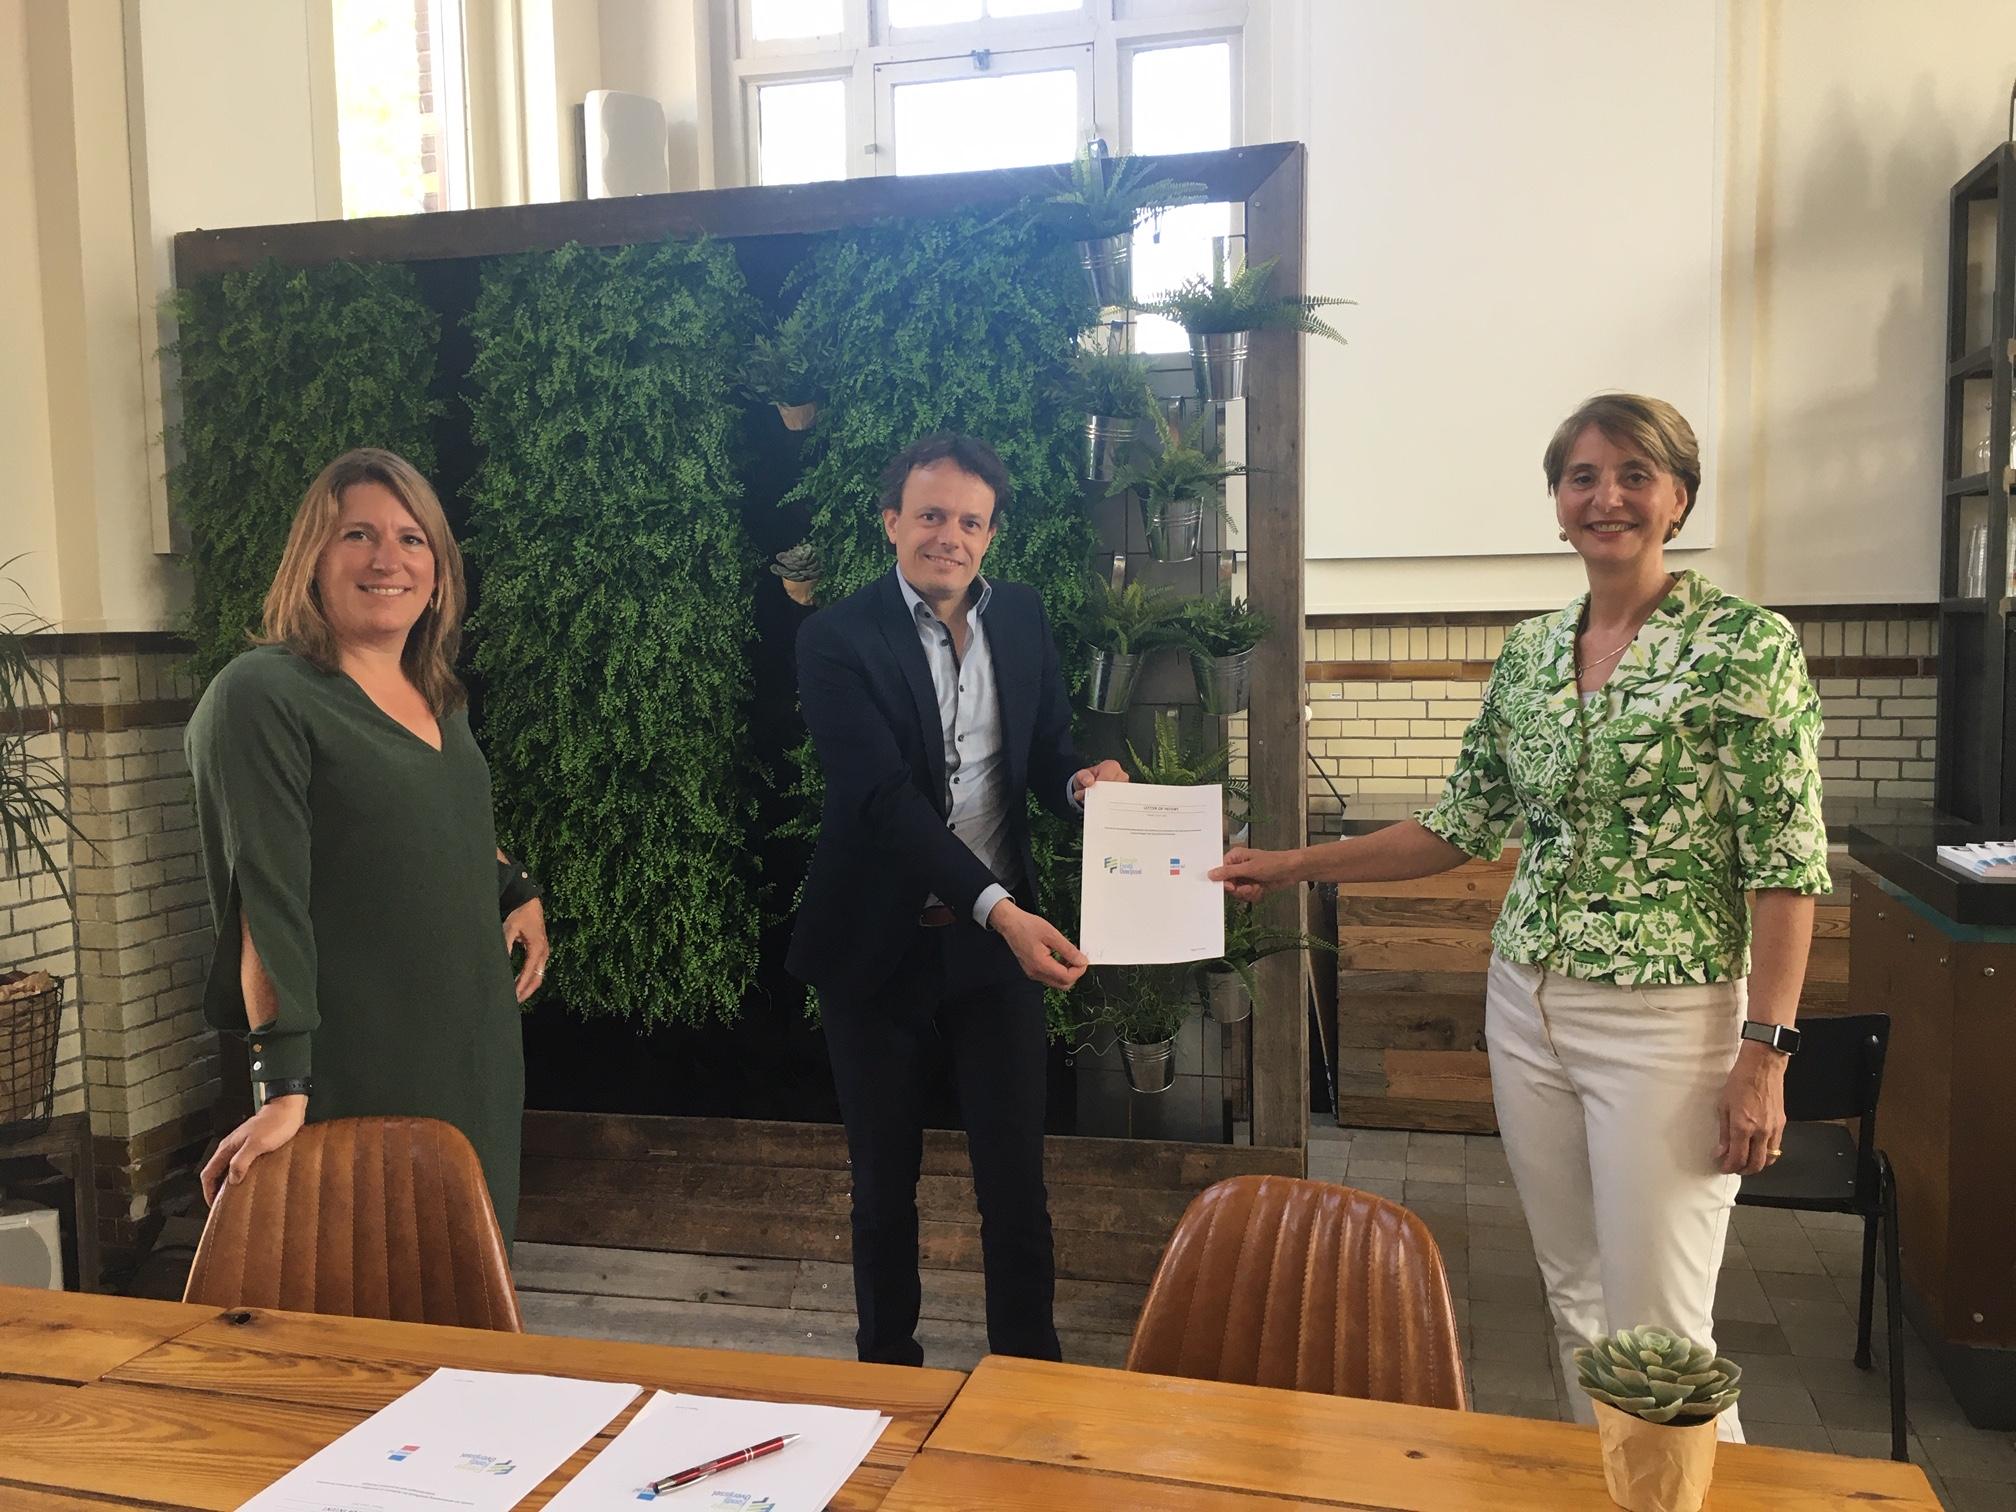 Ondernemers binnen en buiten Overijssel uitdagen en ondersteunen bij innovatieve energieplannen